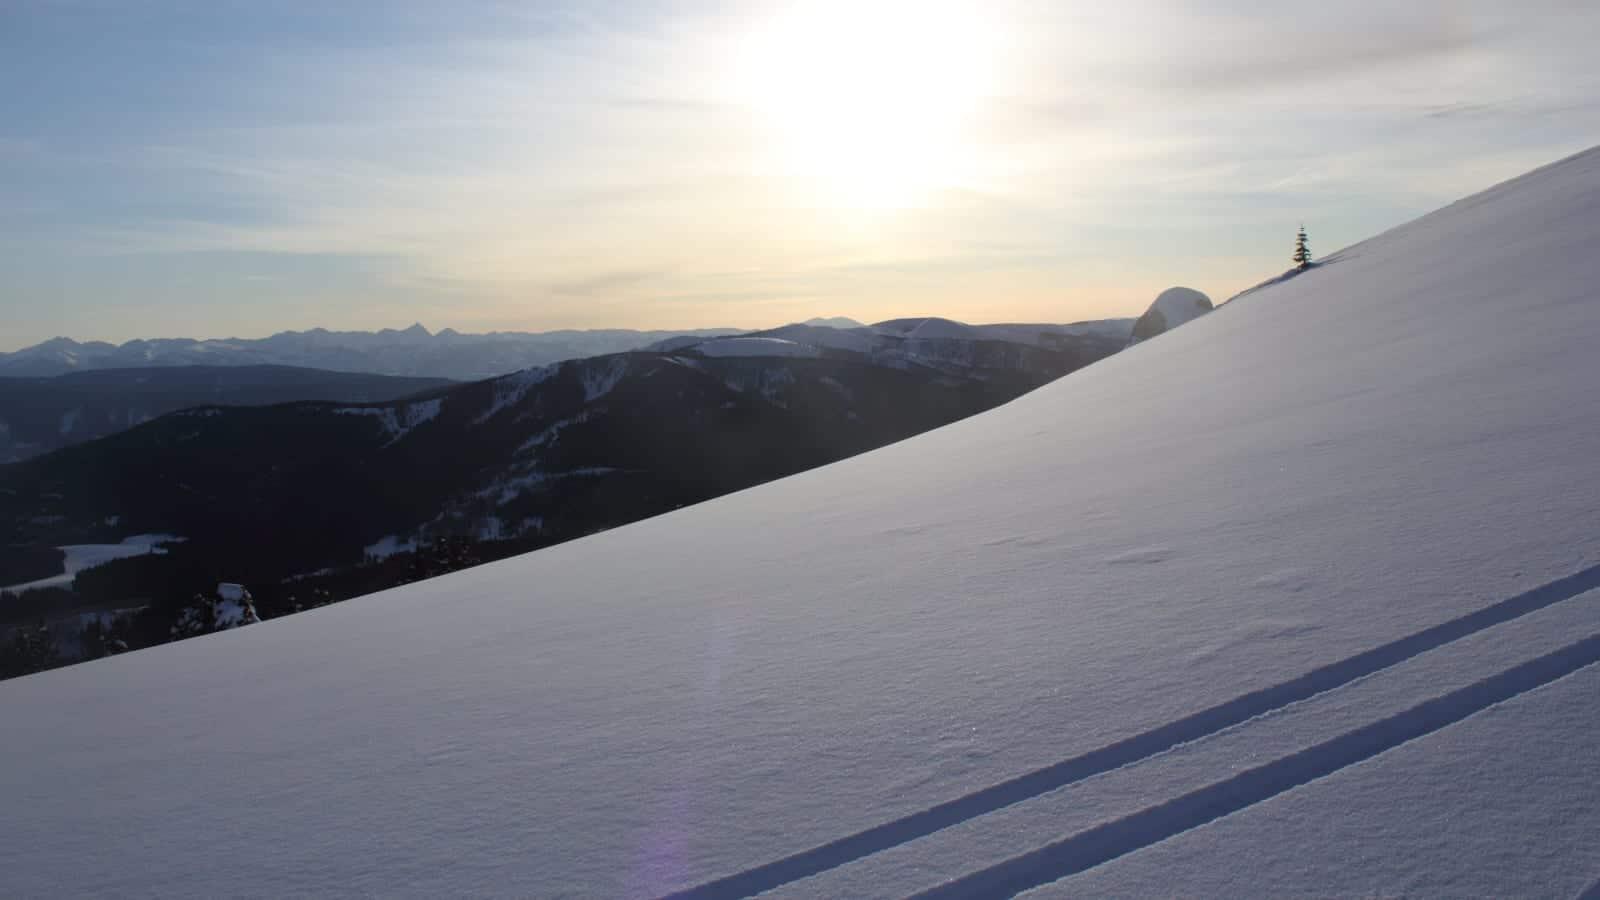 Colorado Backcountry Skiing Peter Estin Hut Basalt